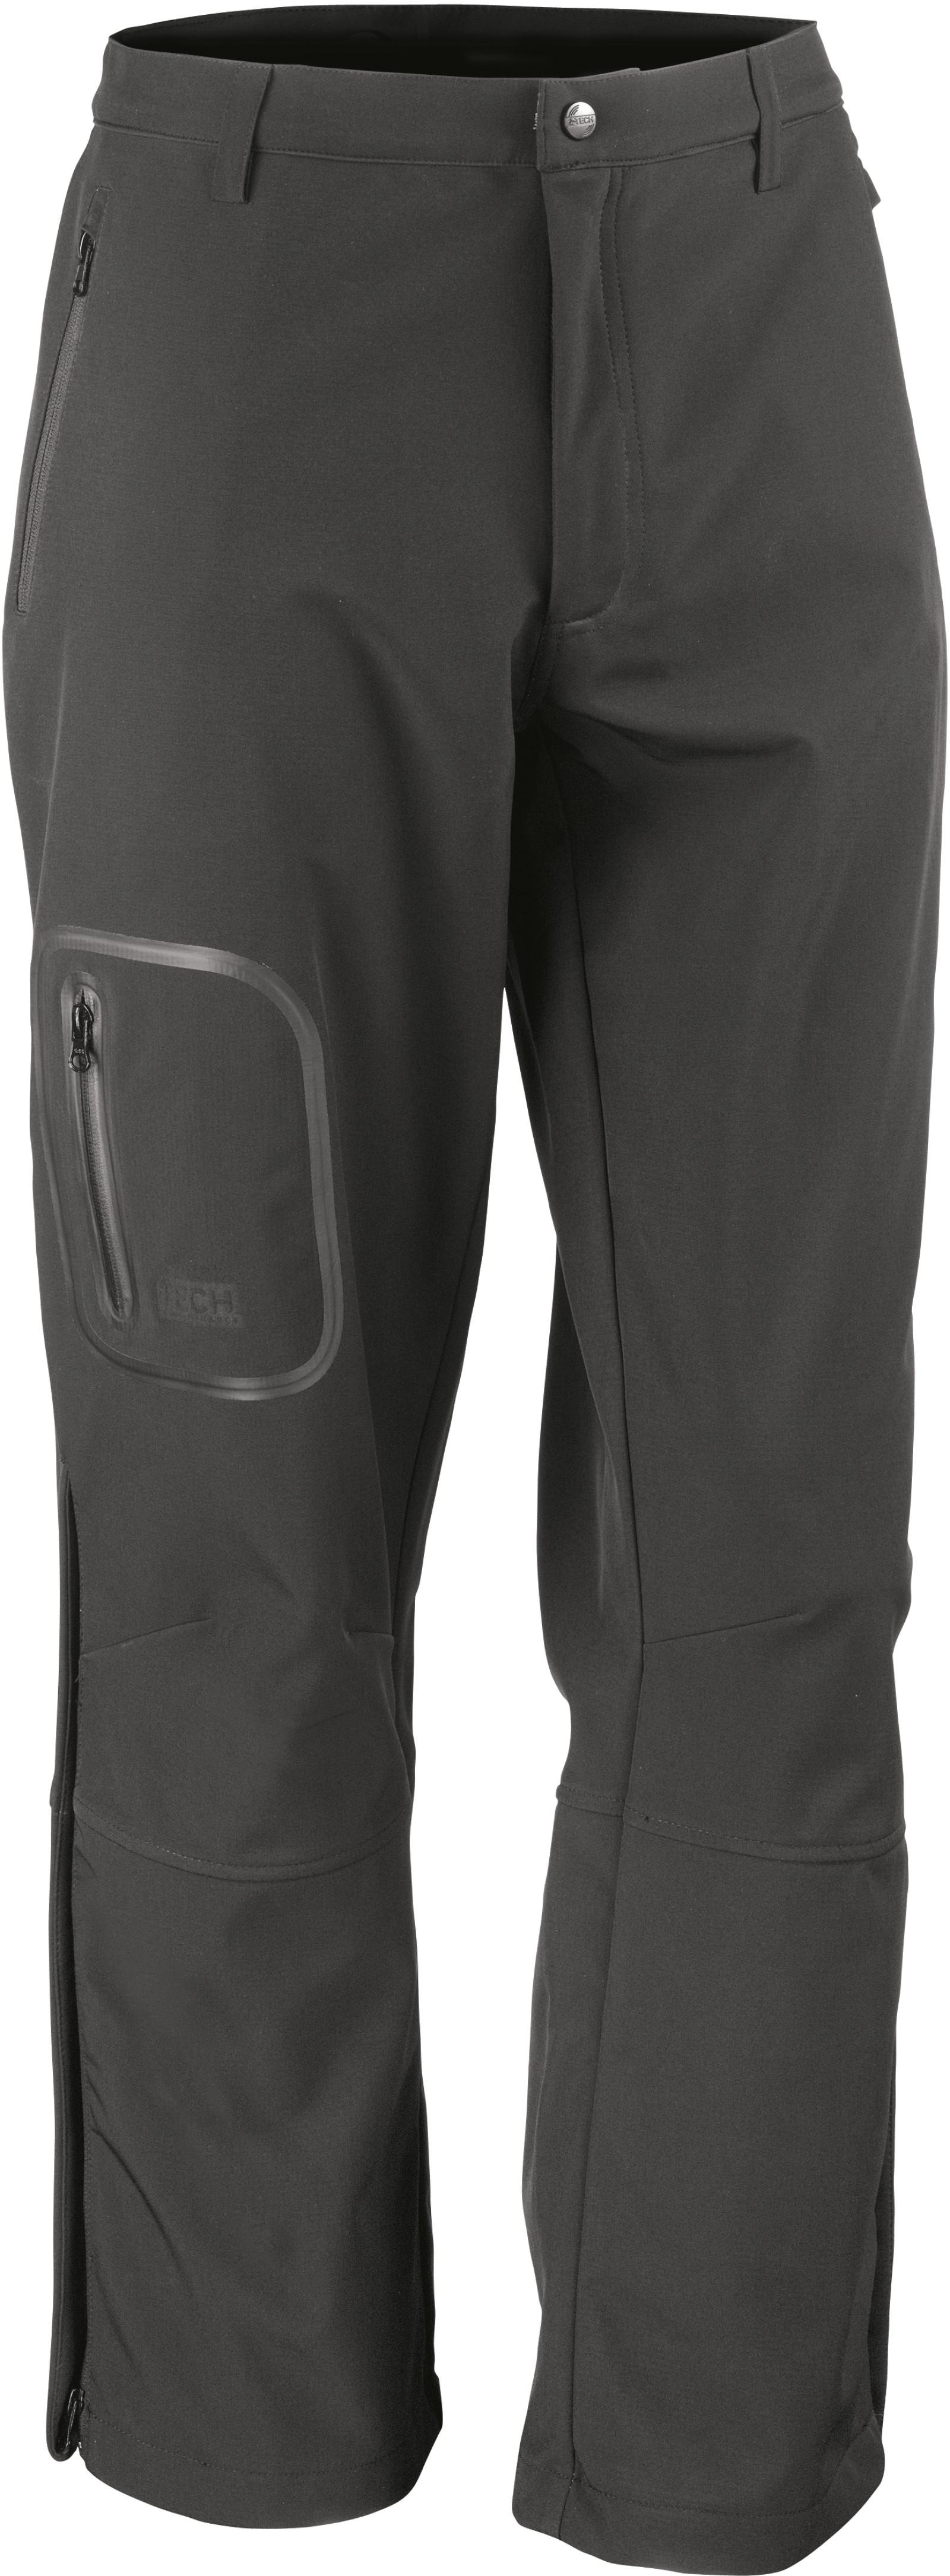 Pánské 3-vrstvá softshellové kalhoty